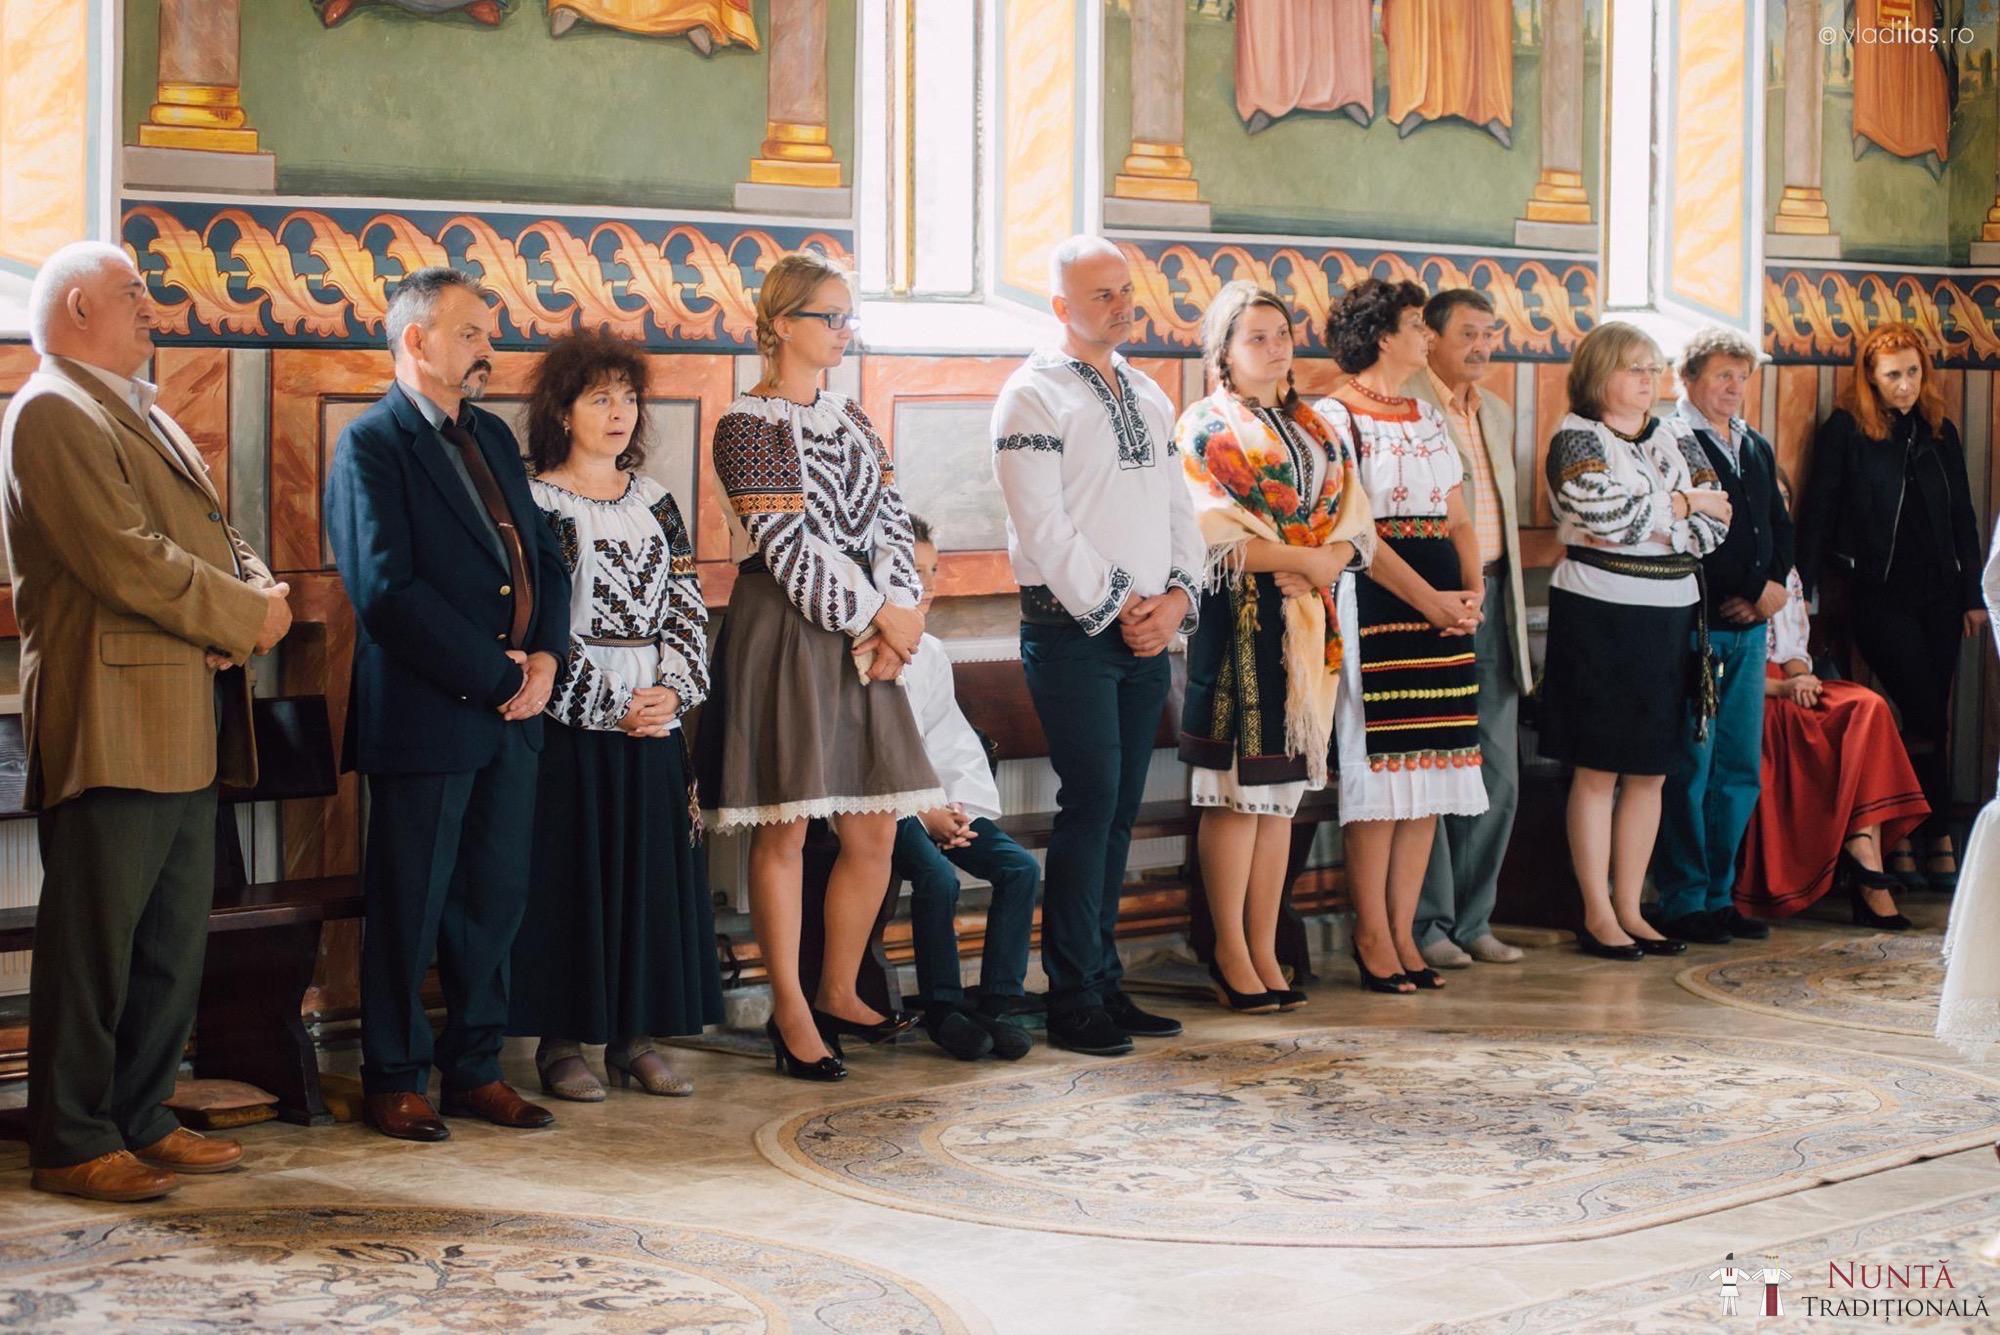 Povești Nunți Tradiționale - Oana și Sergiu - Nuntă tradițională-n Pojorâta, Bucovina 36